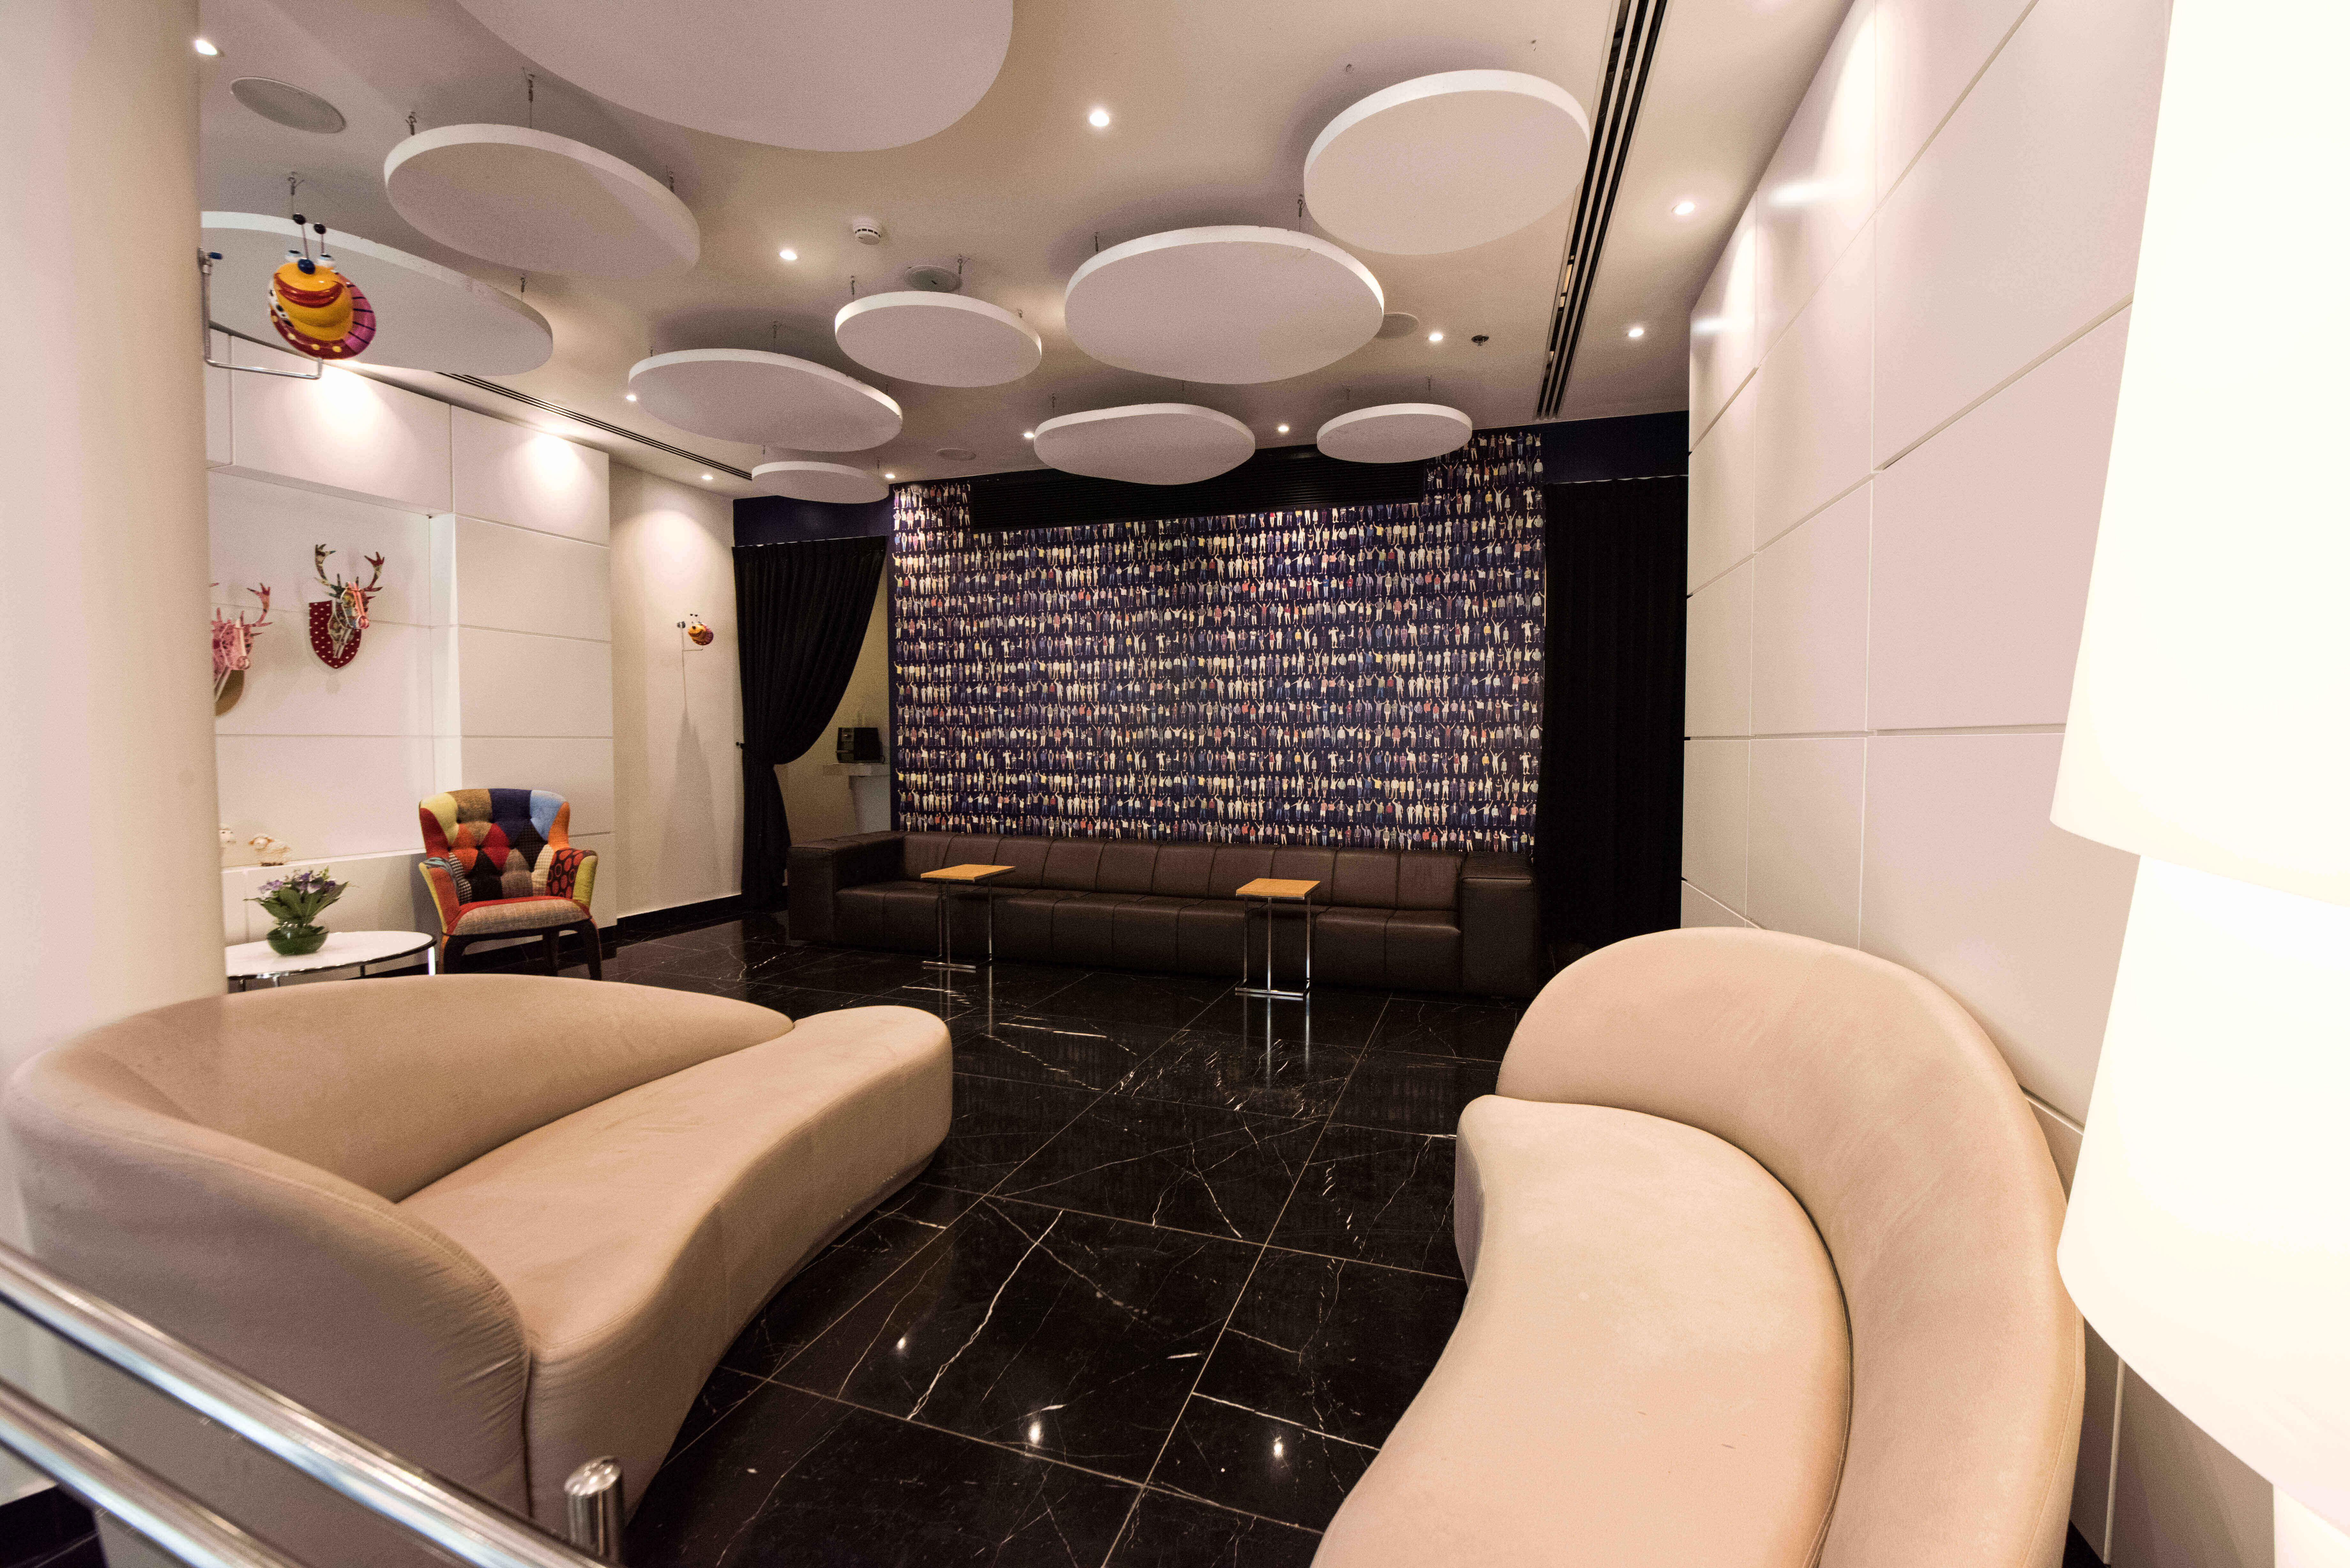 4 זמן סליחות: סיור בירושלים ולילה במלון אייל